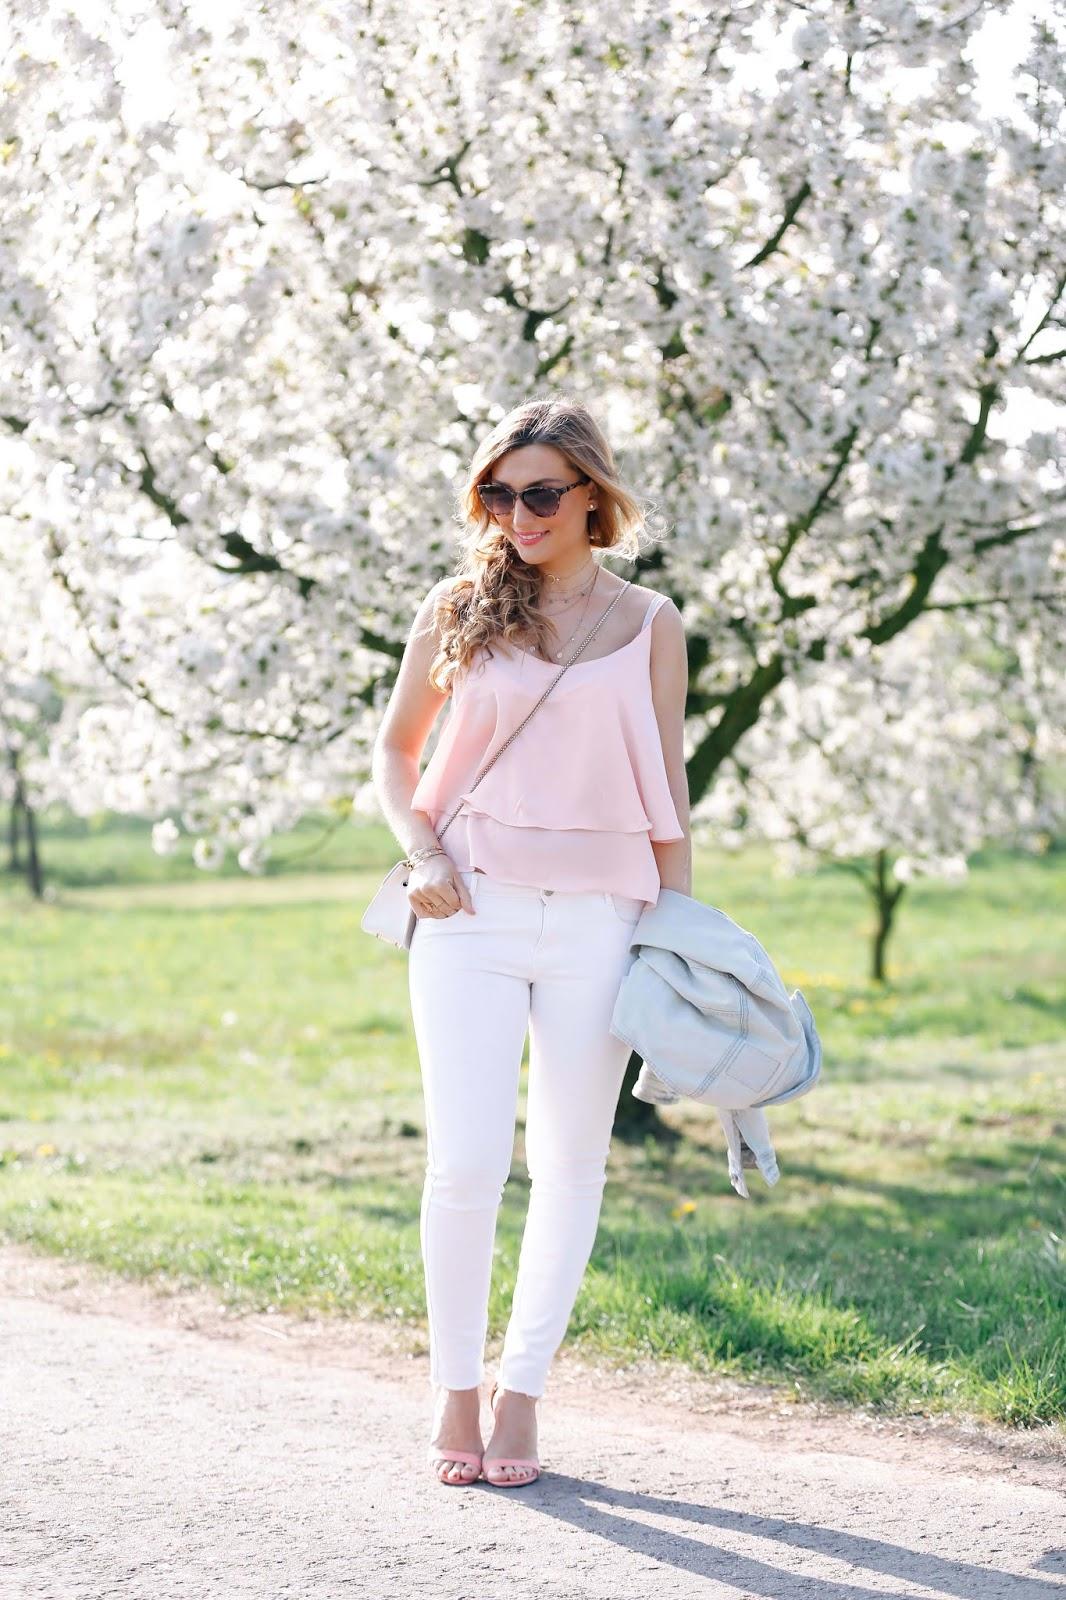 Sommerlook-Fashionstylebyjohanna-weiße-hose